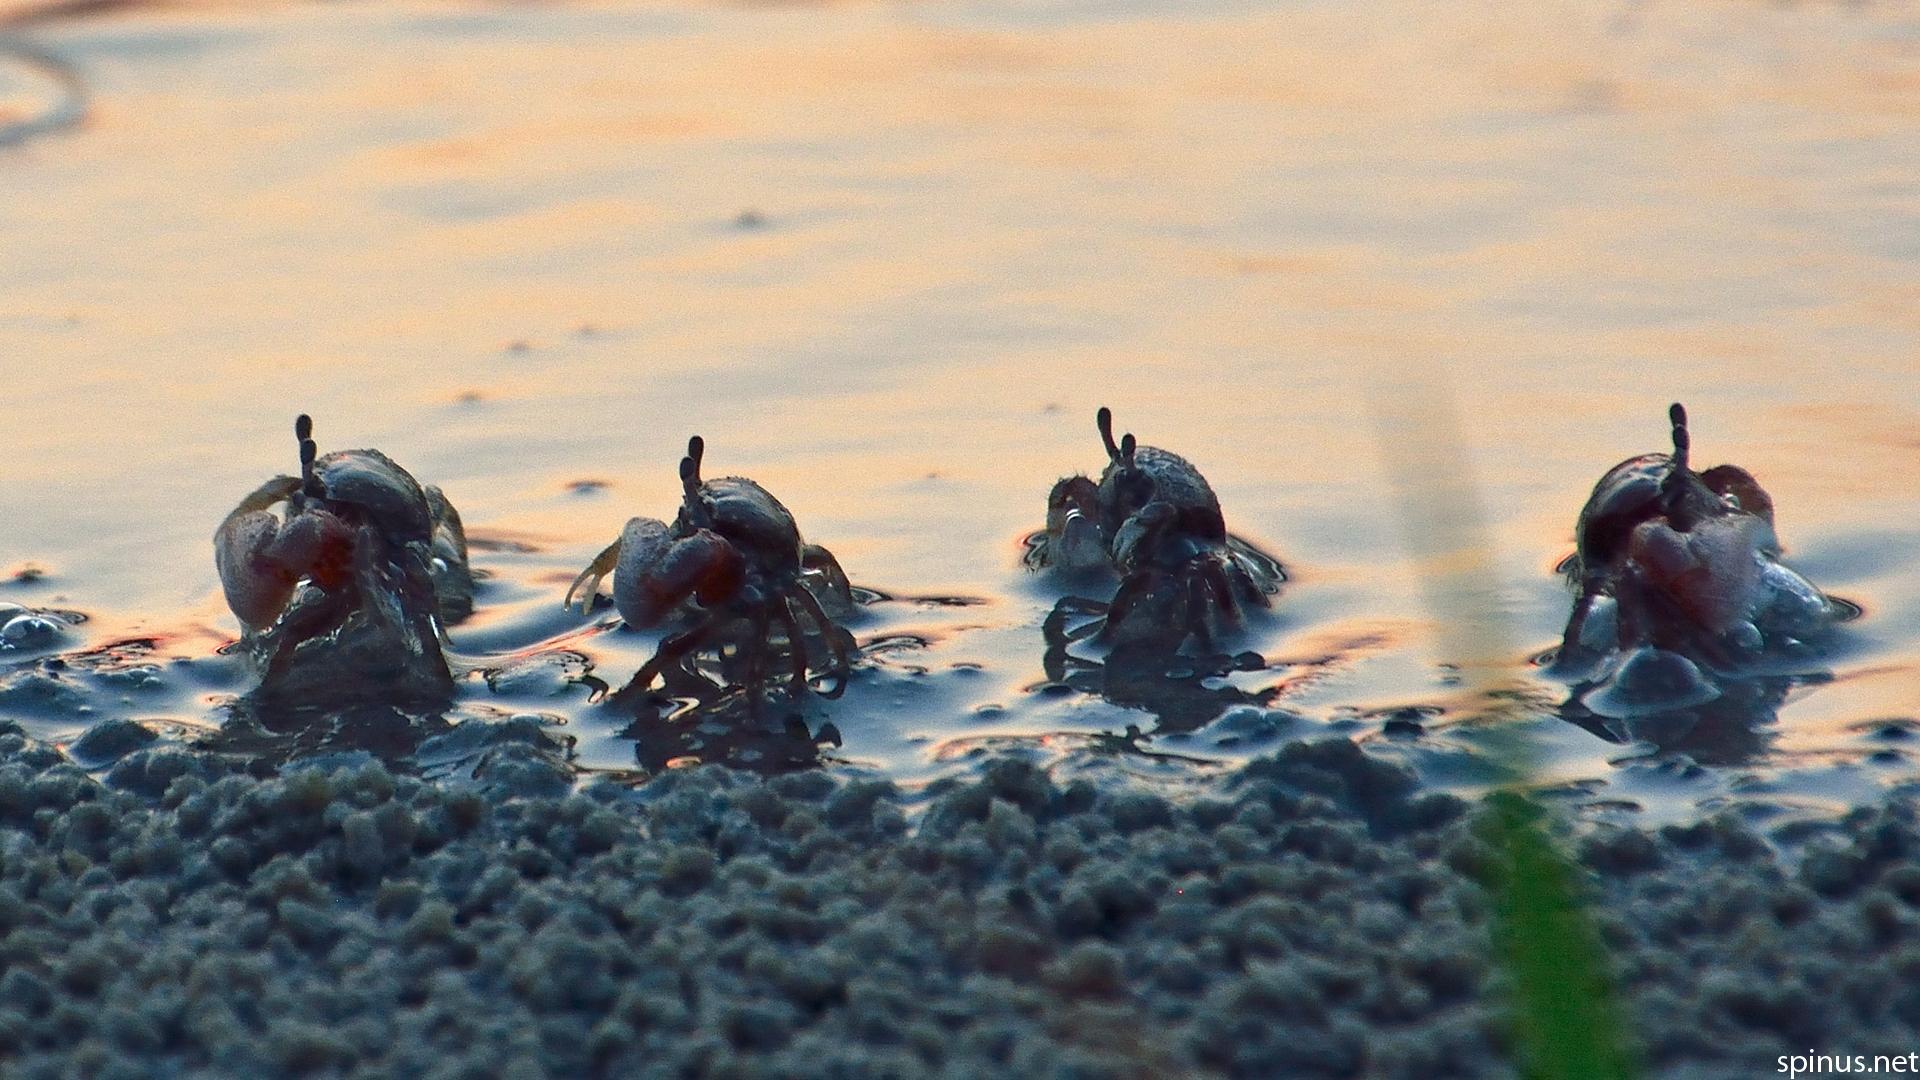 Atlantic marsh fiddler crab Uca pugnax Spinus Nature Photography 1920x1080